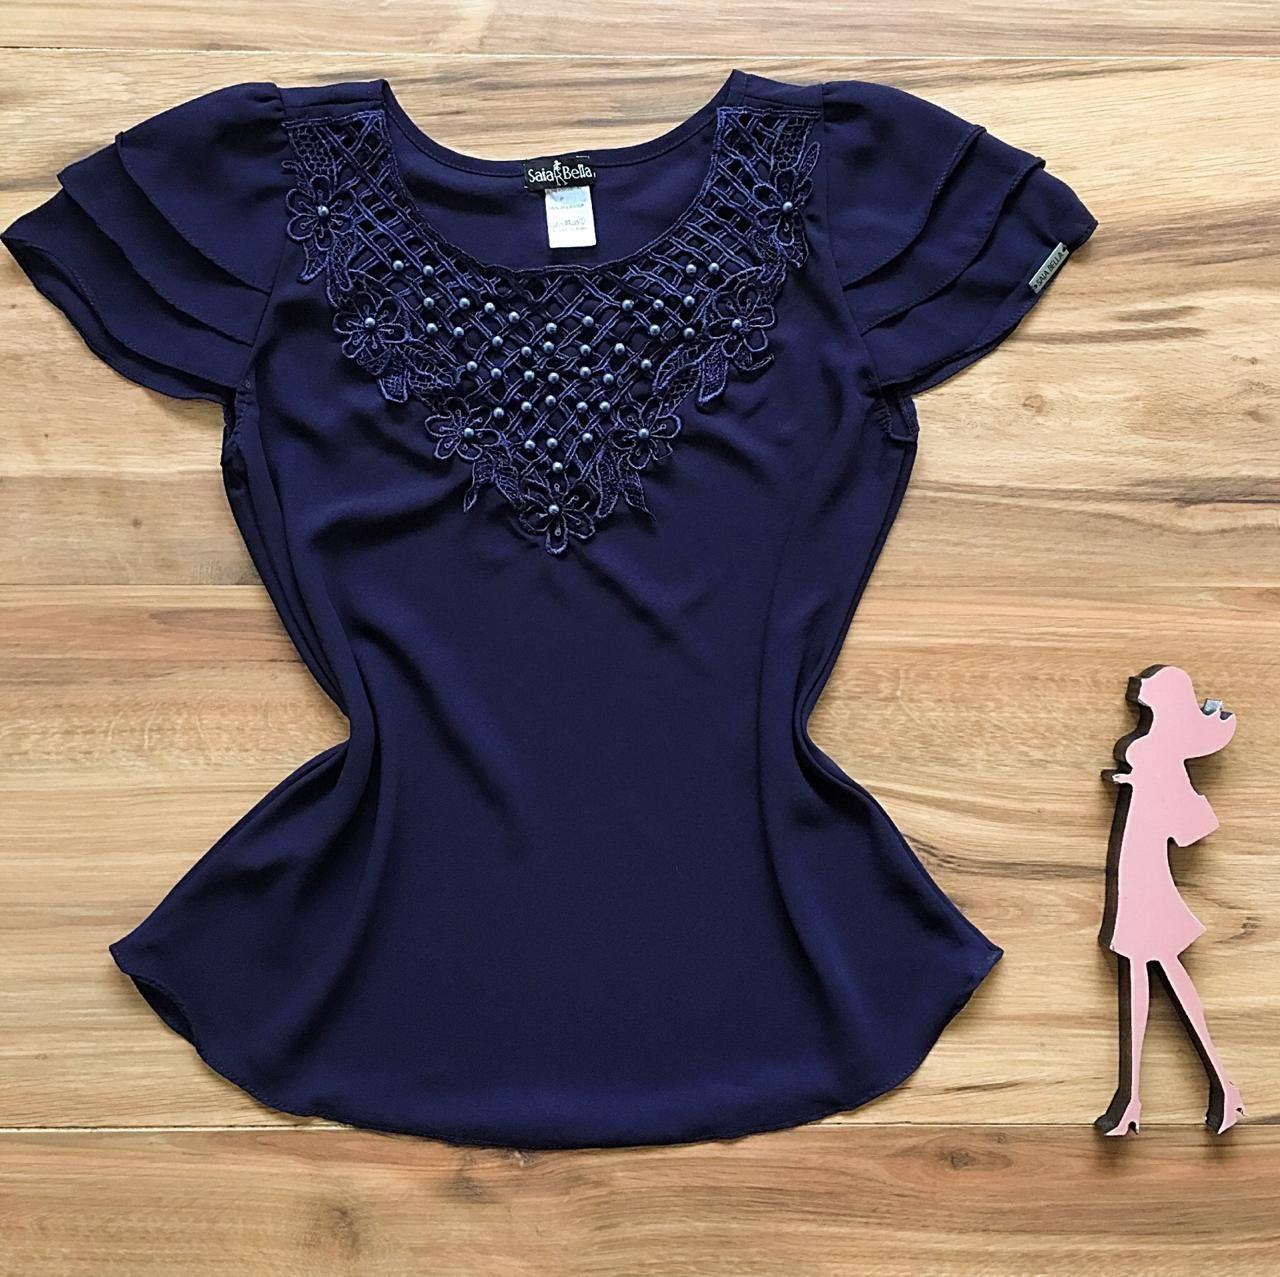 52a2ff7d7 Blusa de Renda Saia Bella - SB9972 azul marinho